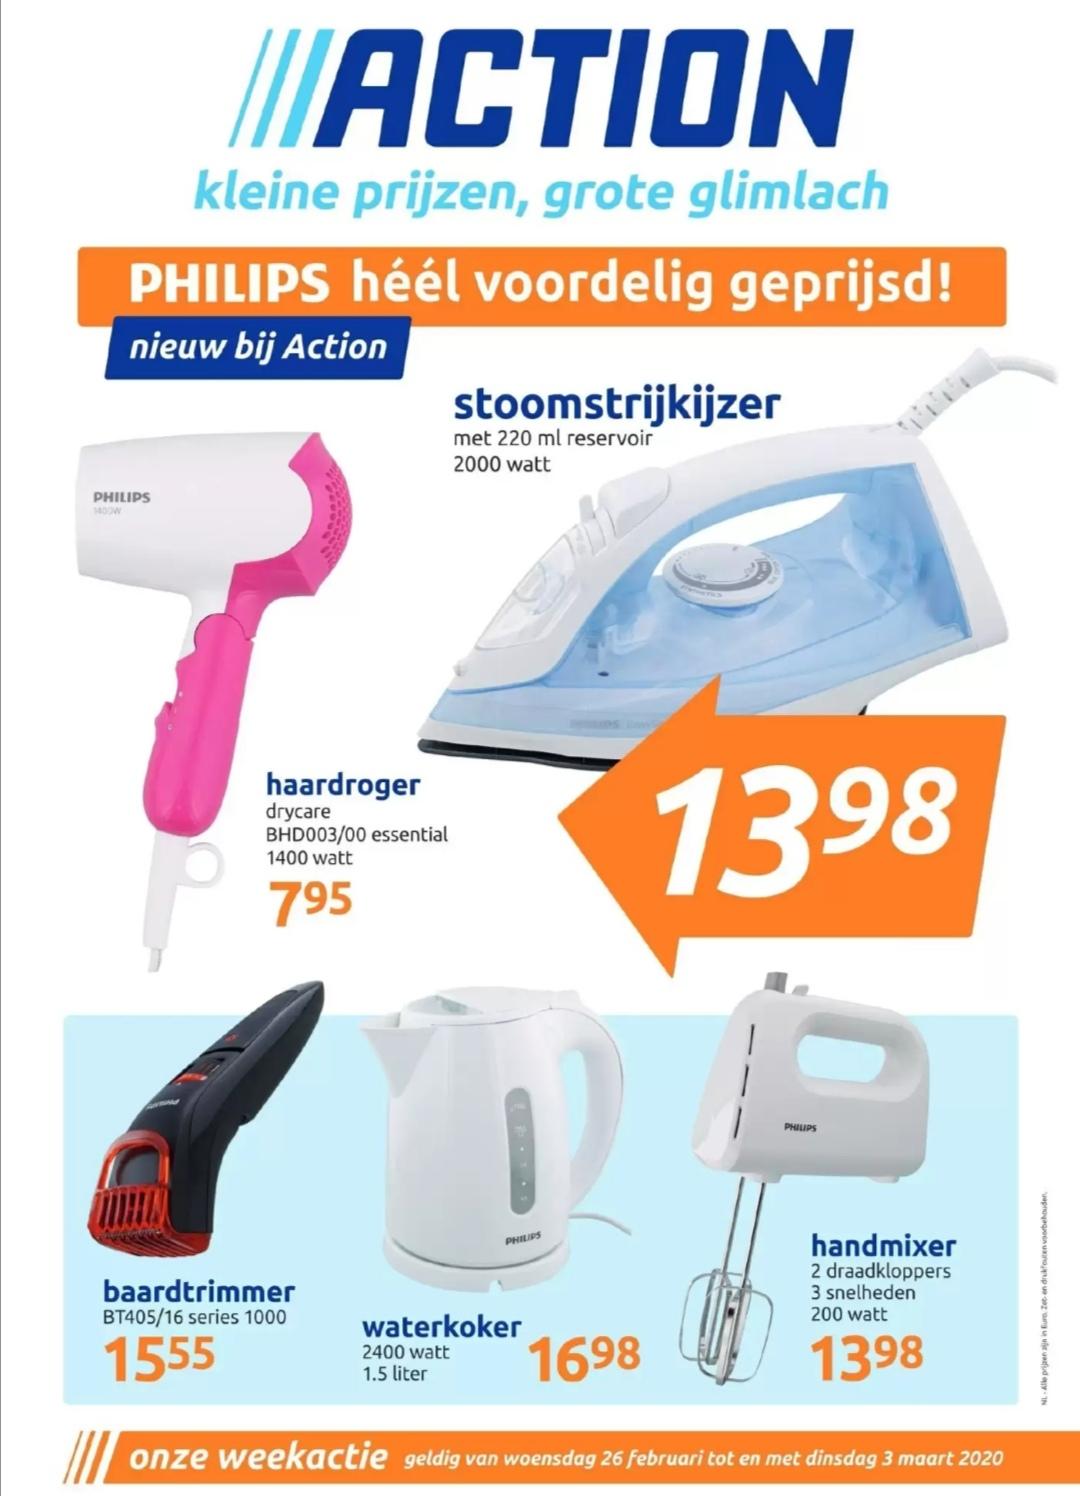 Diverse Philips producten voordelig geprijsd @ Action